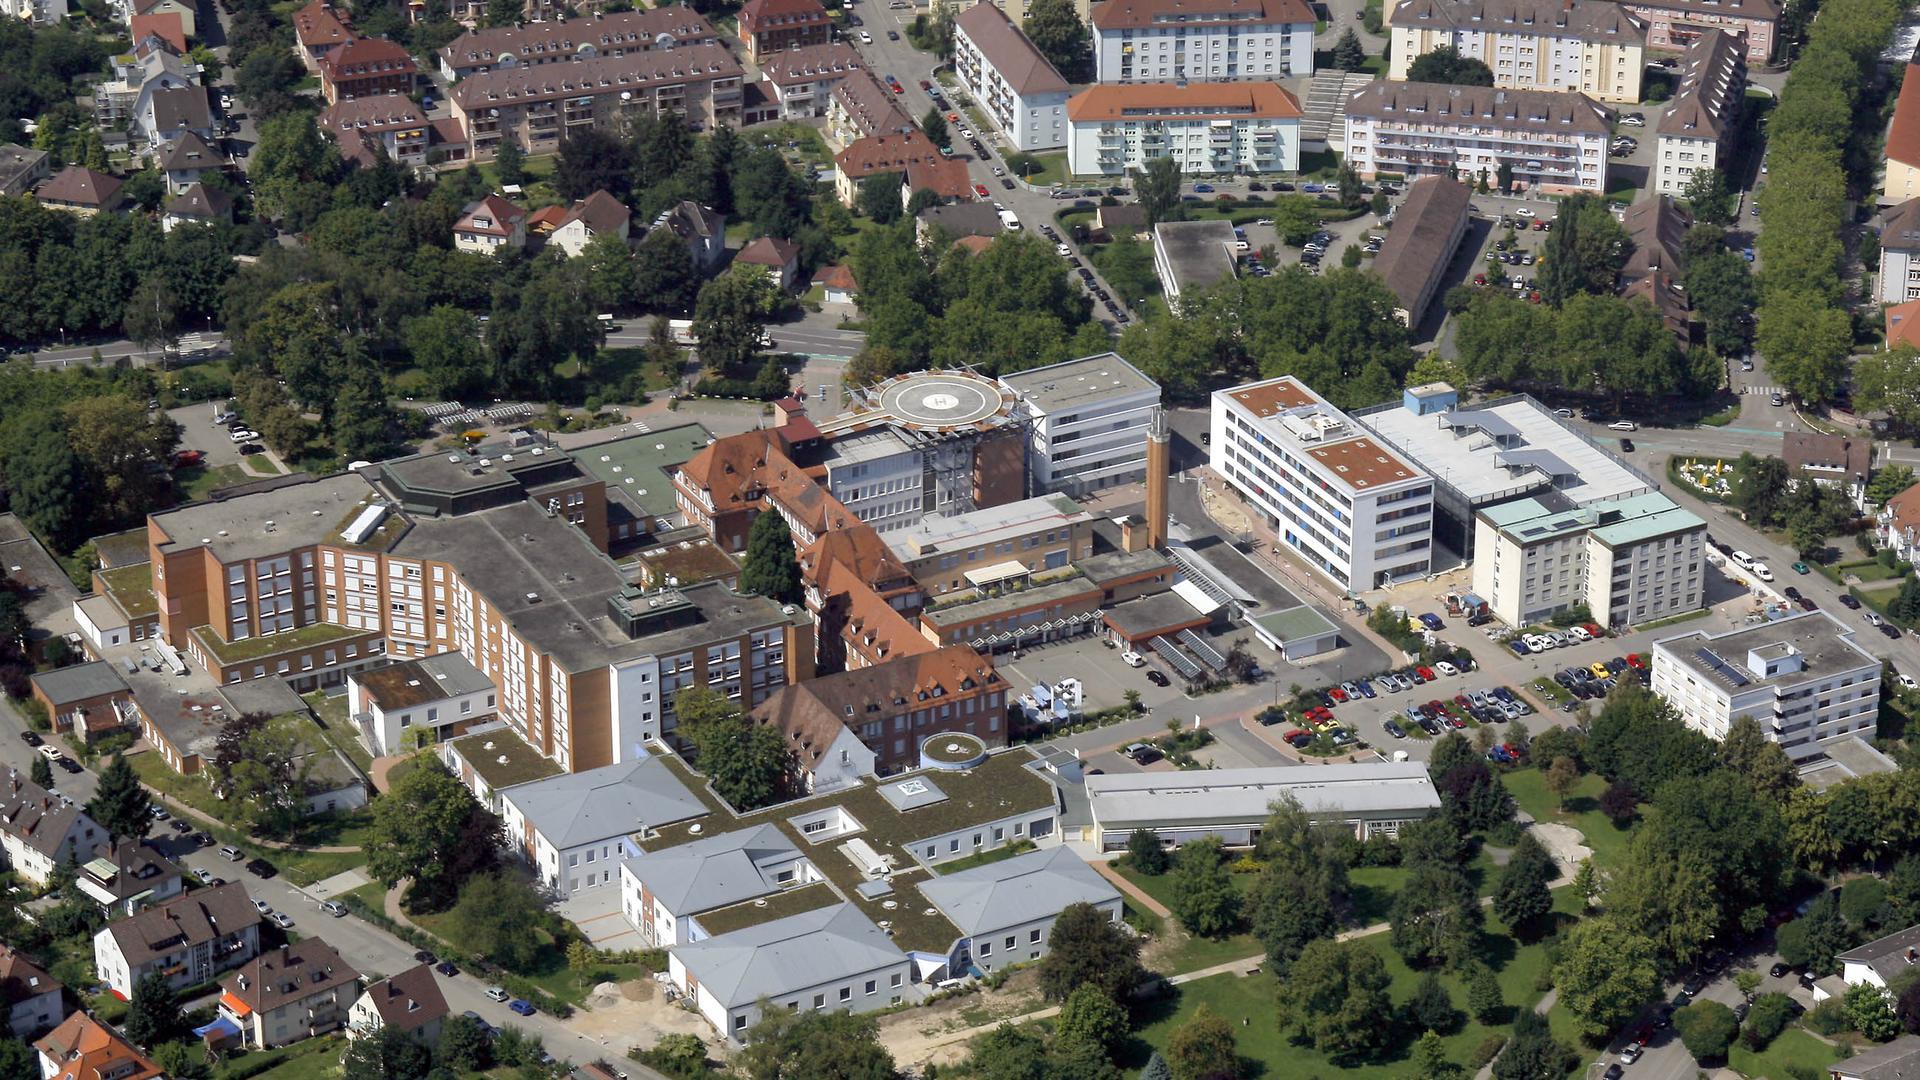 Luftbild eines Krankenhauses